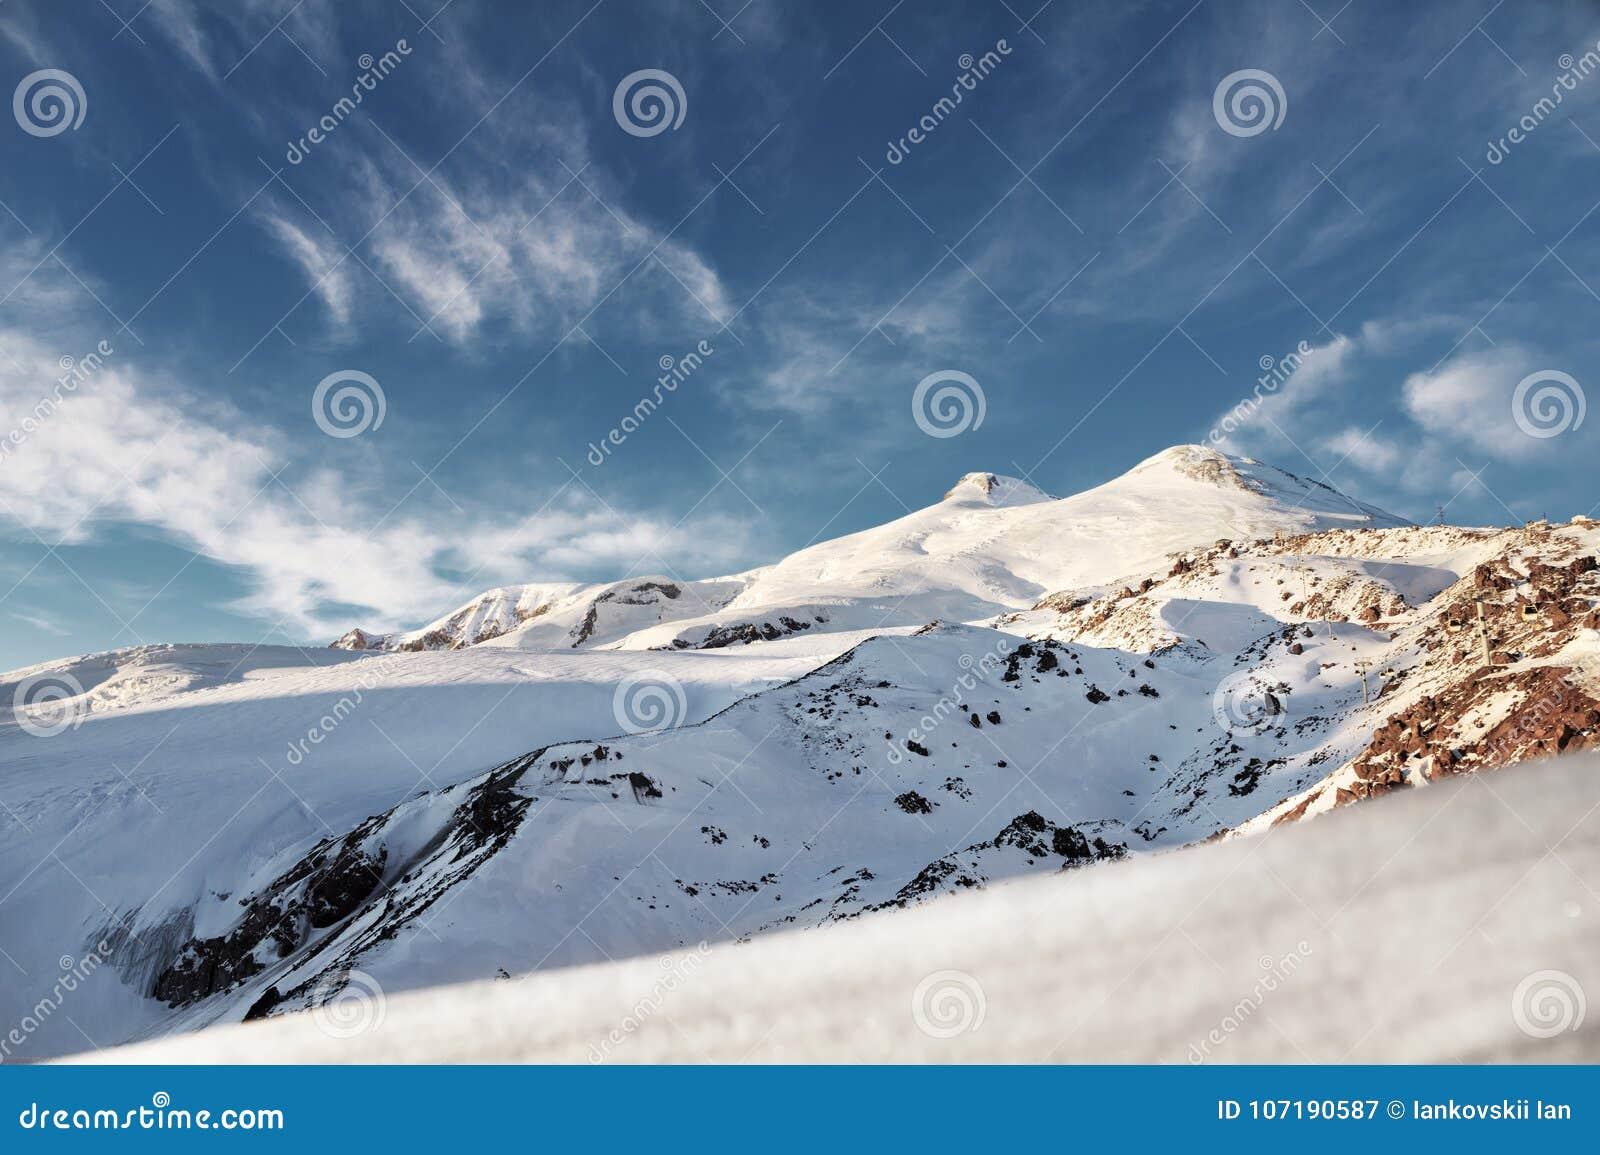 Where is the volcano Elbrus 29